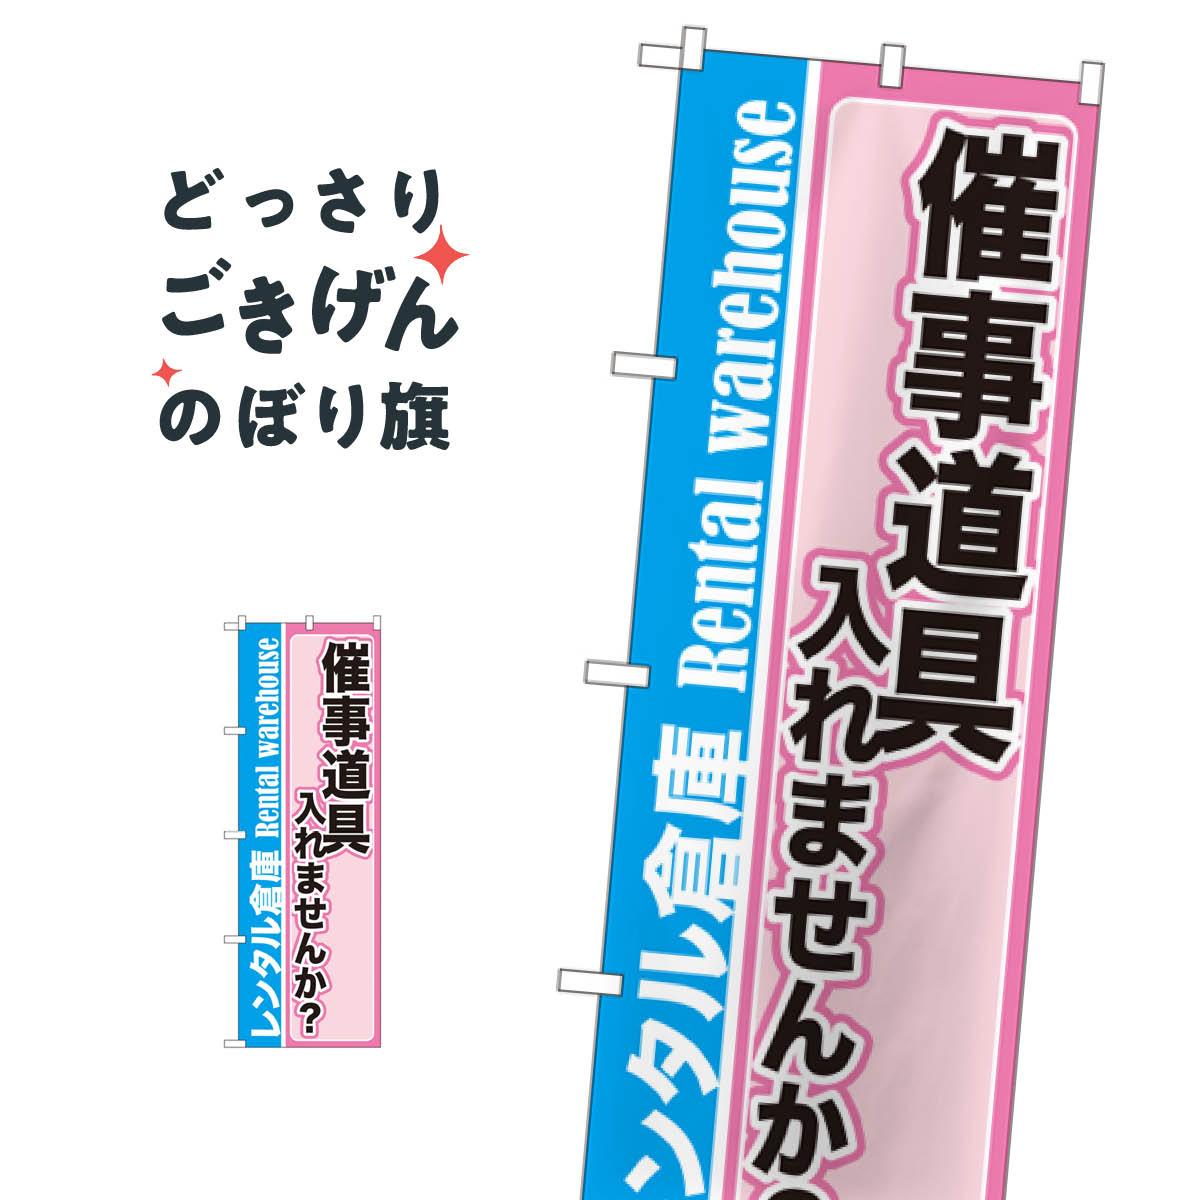 レンタル倉庫 のぼり旗 GNB-2003 貸し物件